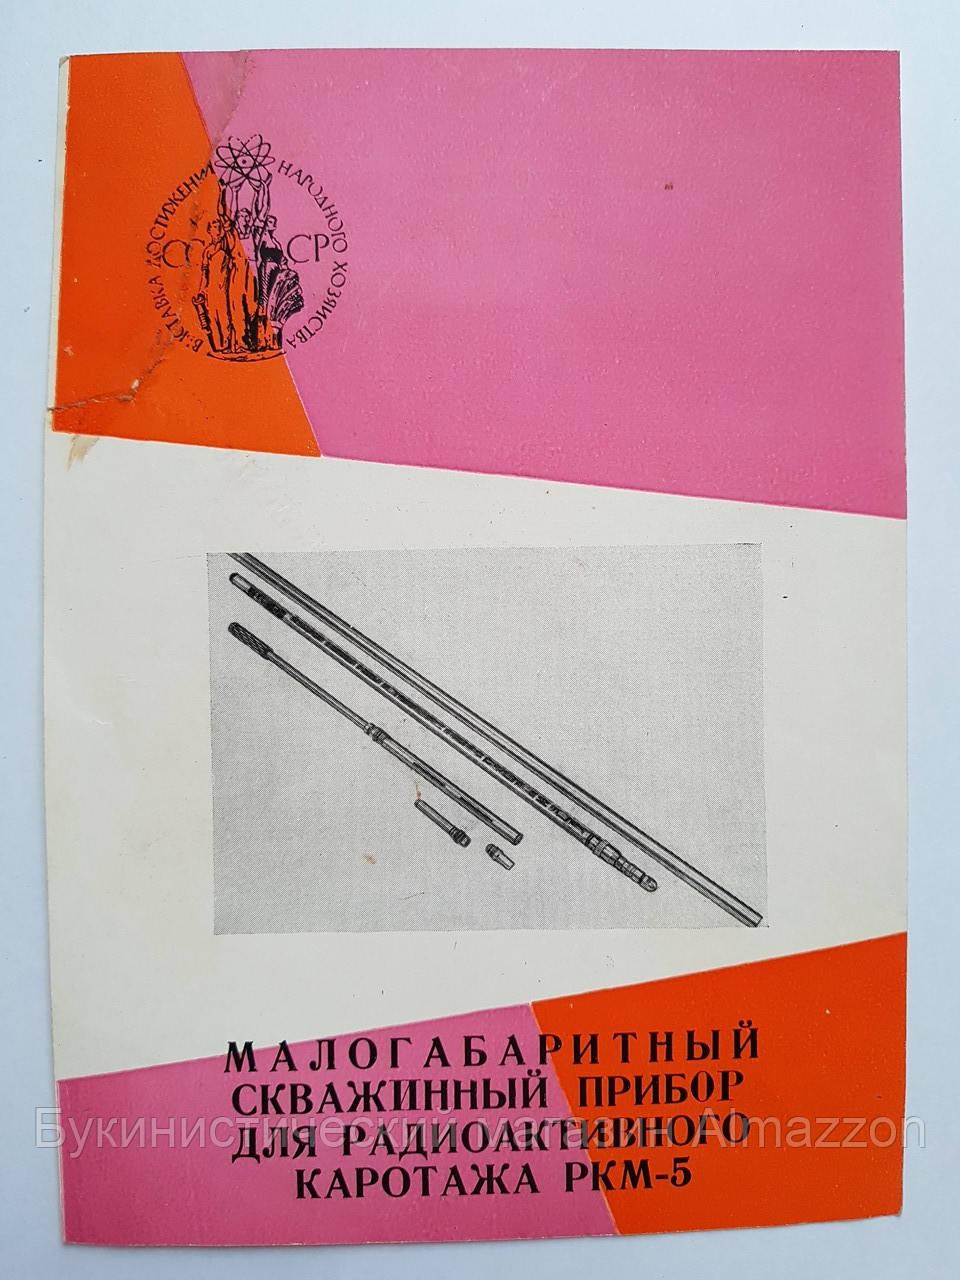 Реклама ВДНХ Малогабаритный скважинный прибор для радиоактивного каротажа РКМ-5